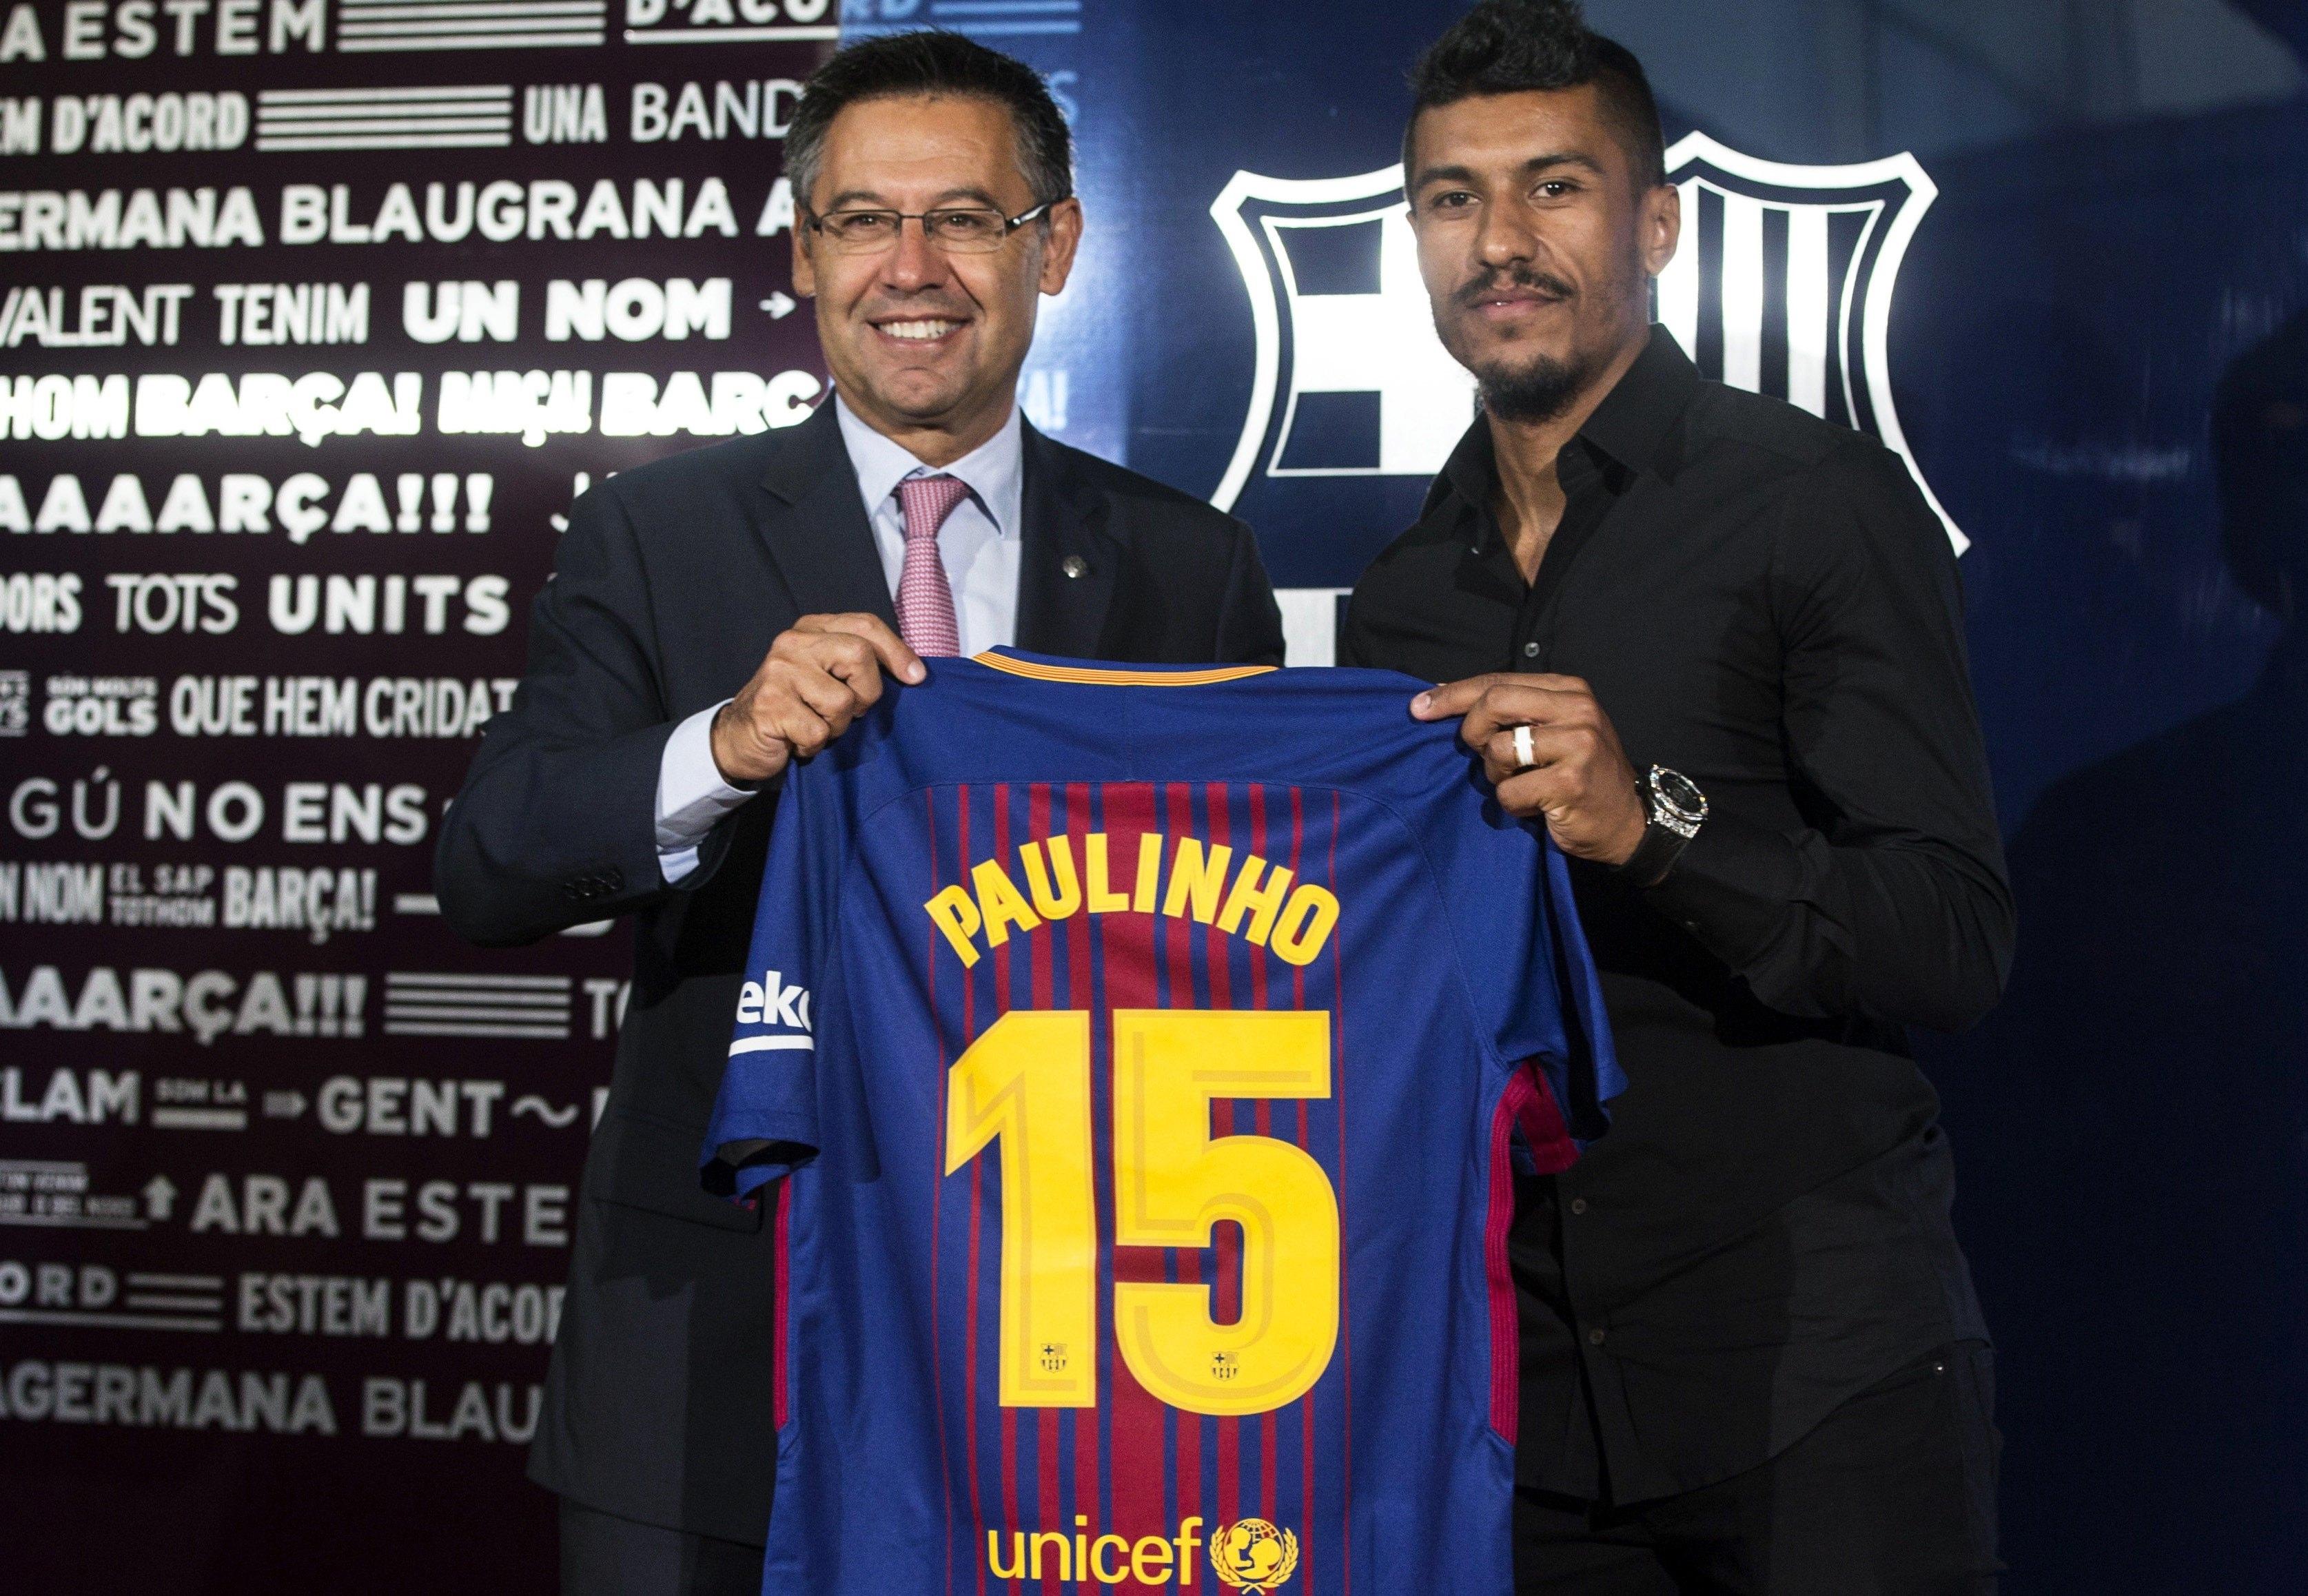 Catalães lançam comunicado sobre transferência de Paulinho — Barcelona